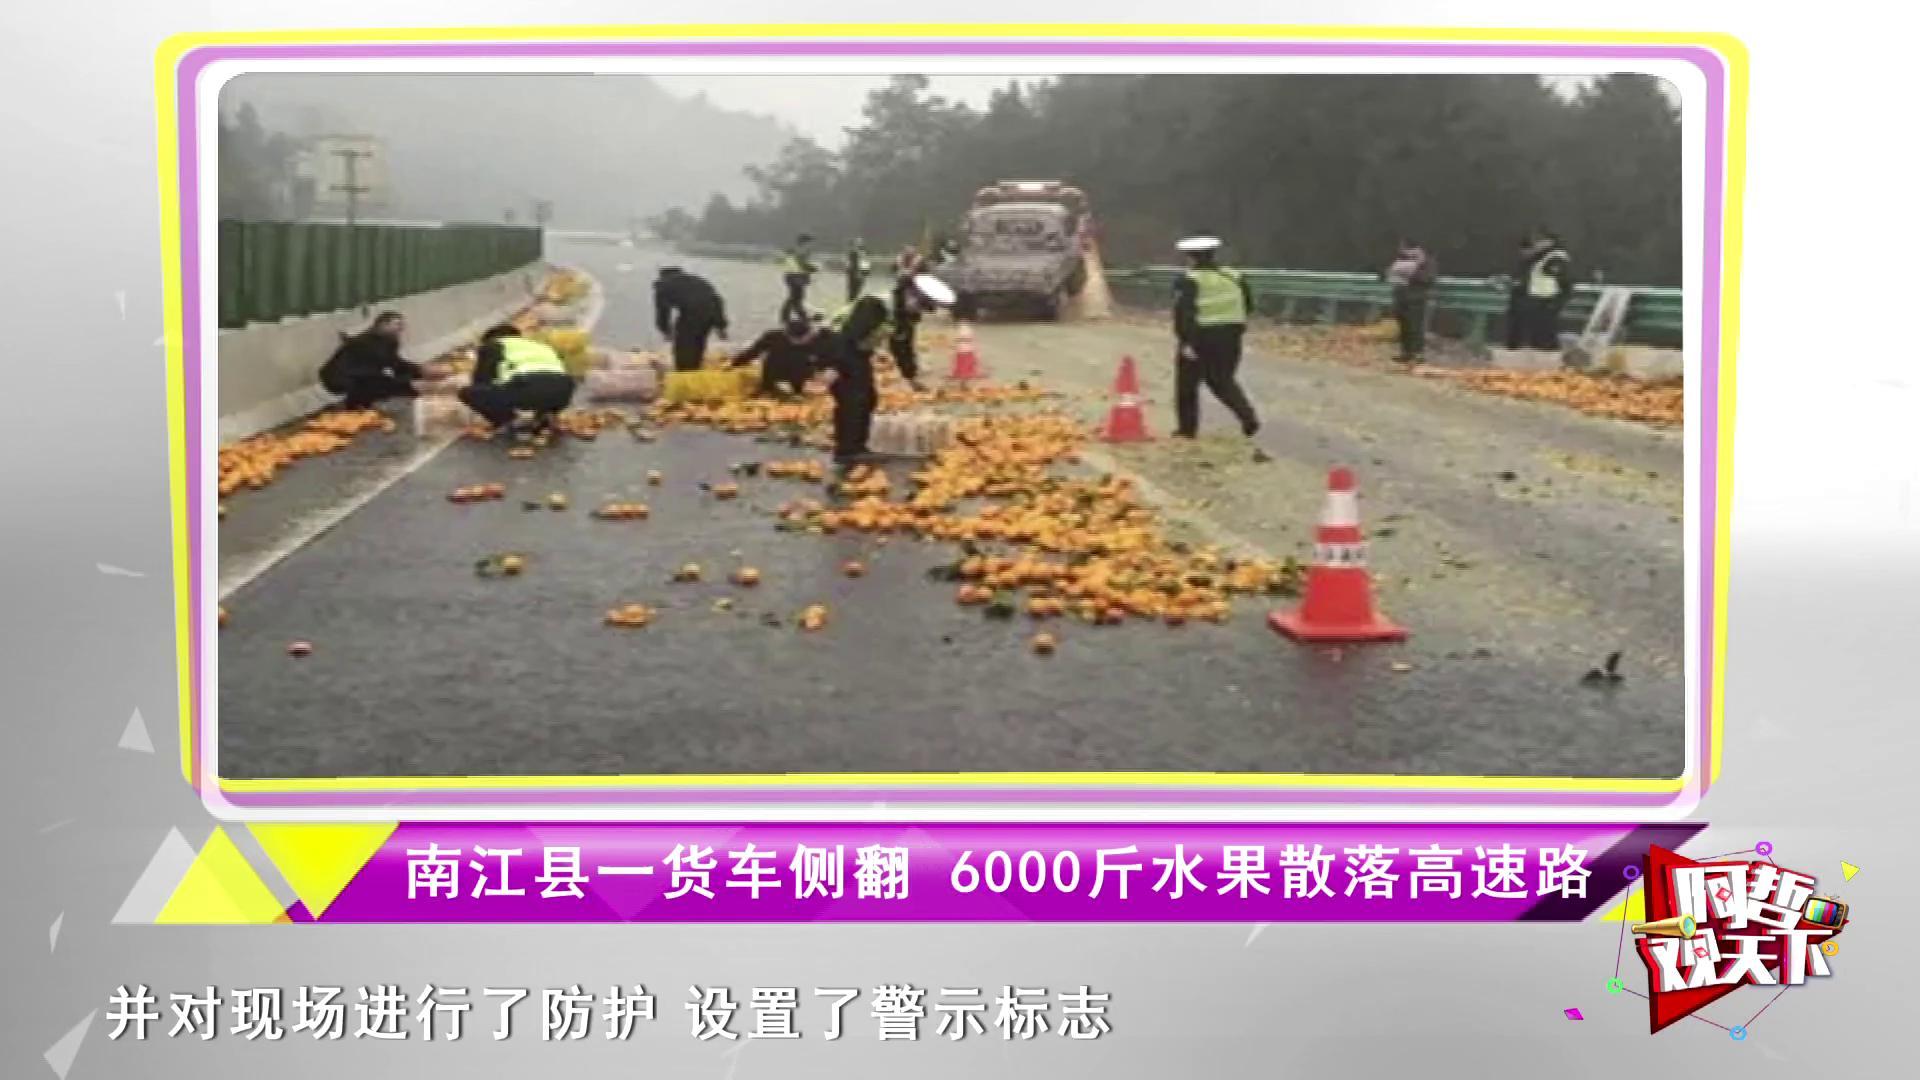 南江县一货车侧翻 6000斤水果散落高速路